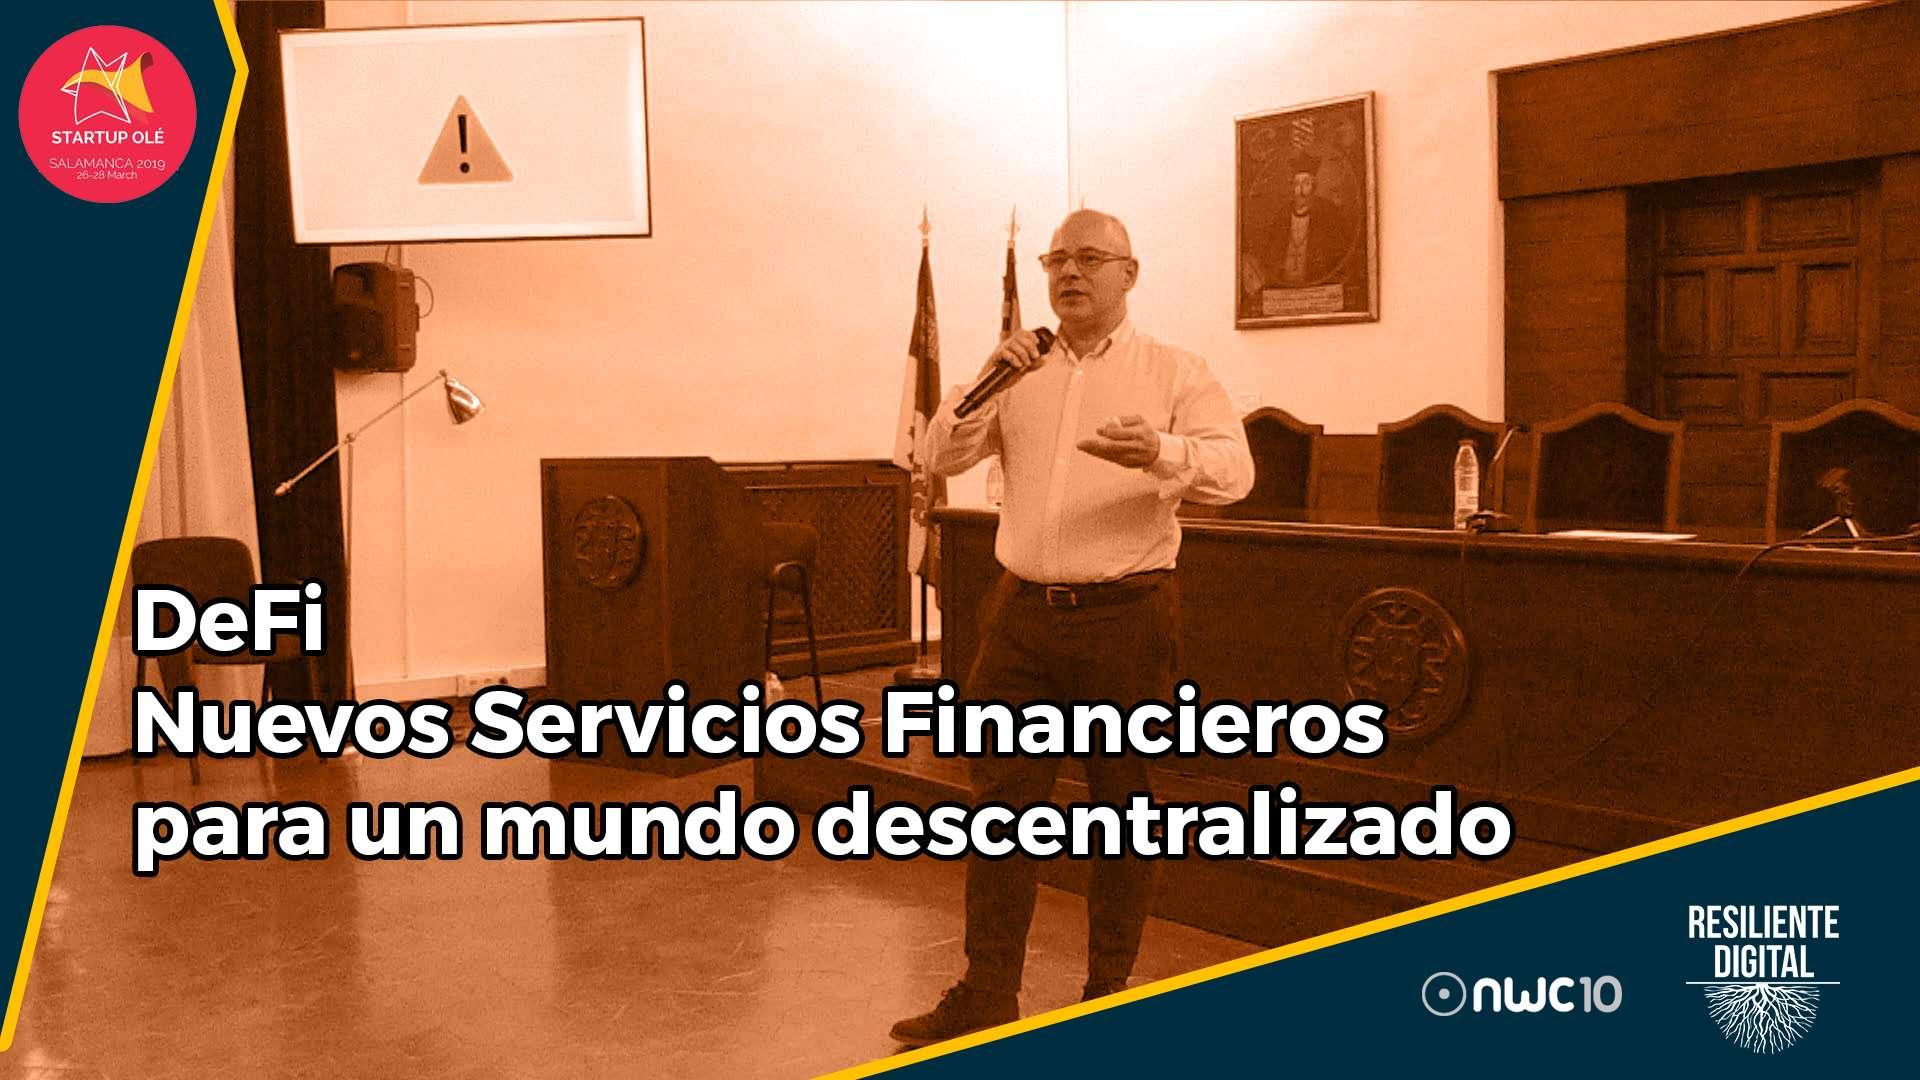 DeFi. Nuevos servicios financieros en un mundo descentralizado.